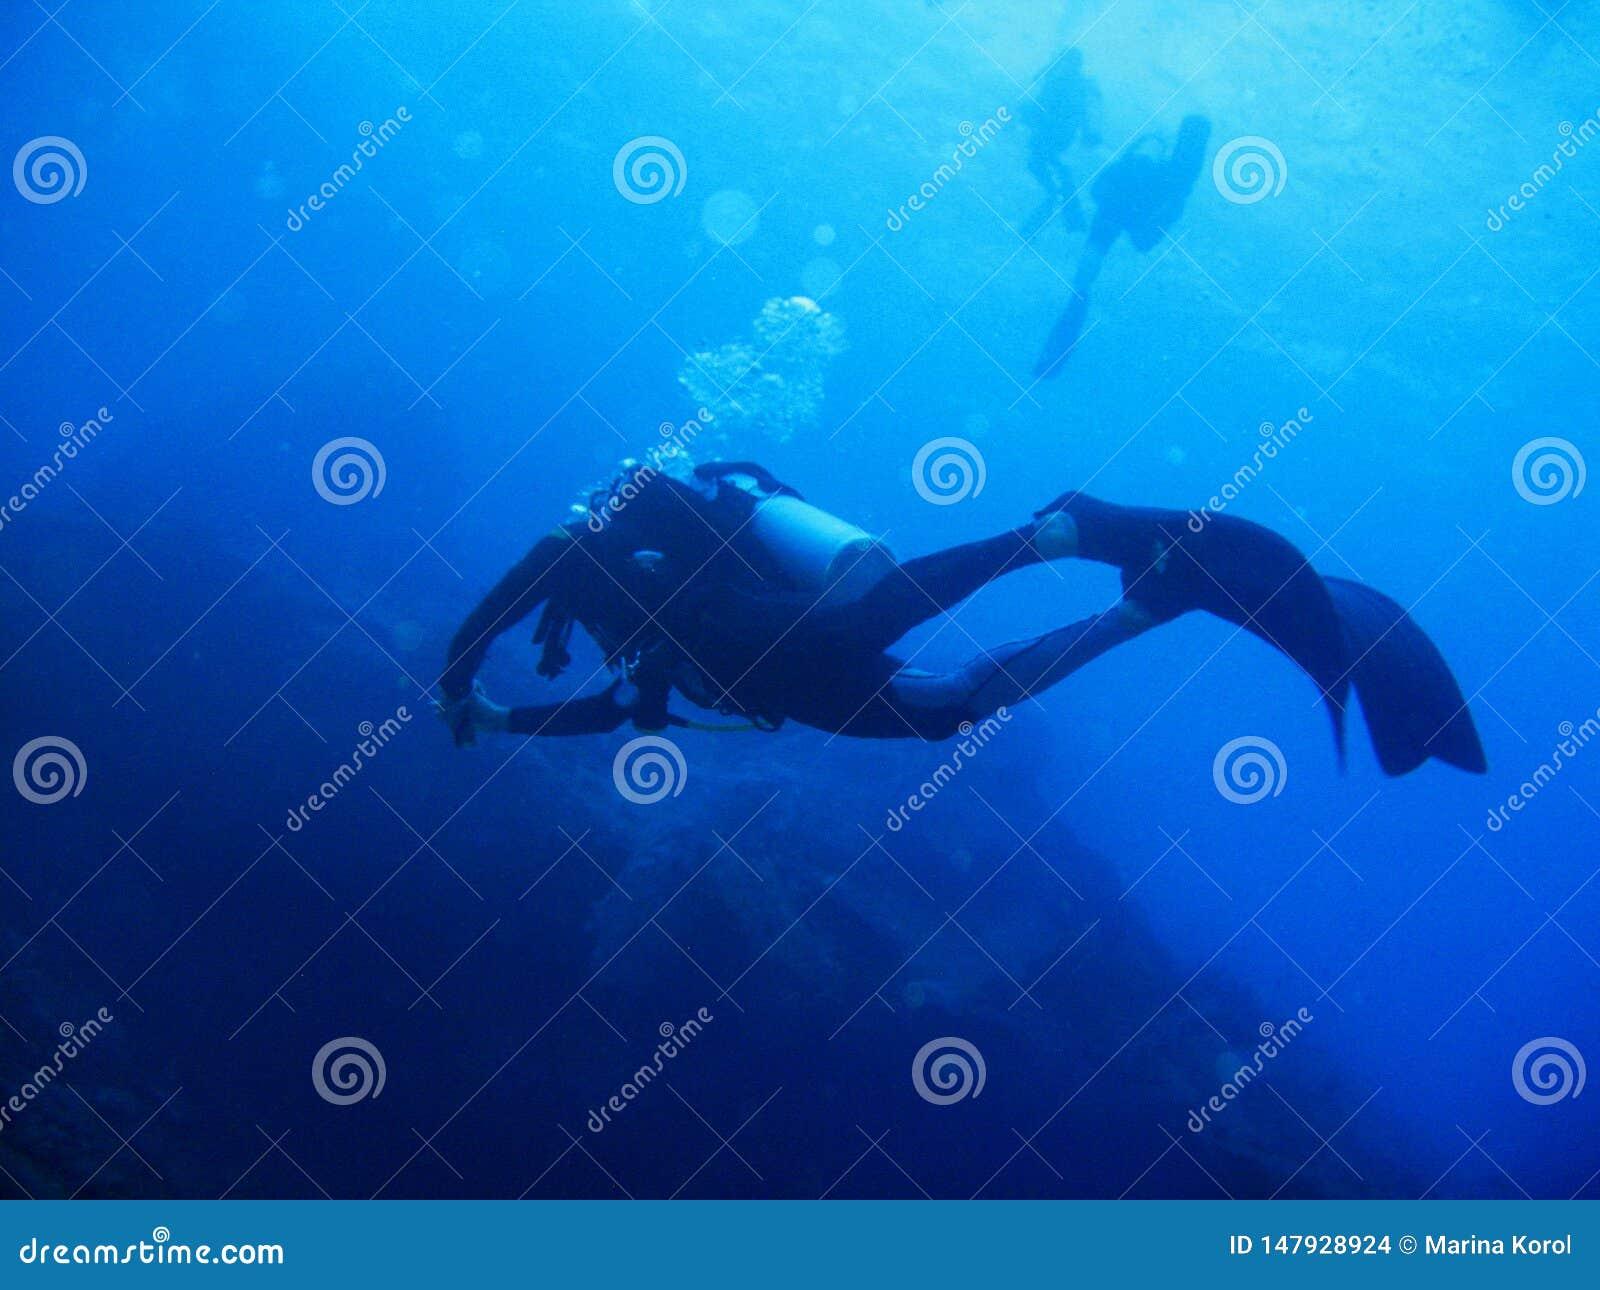 De scuba-duiker met volledig materiaal is onderwater Zonlicht en bellen Twee scuba-duikers zijn op de achtergrond